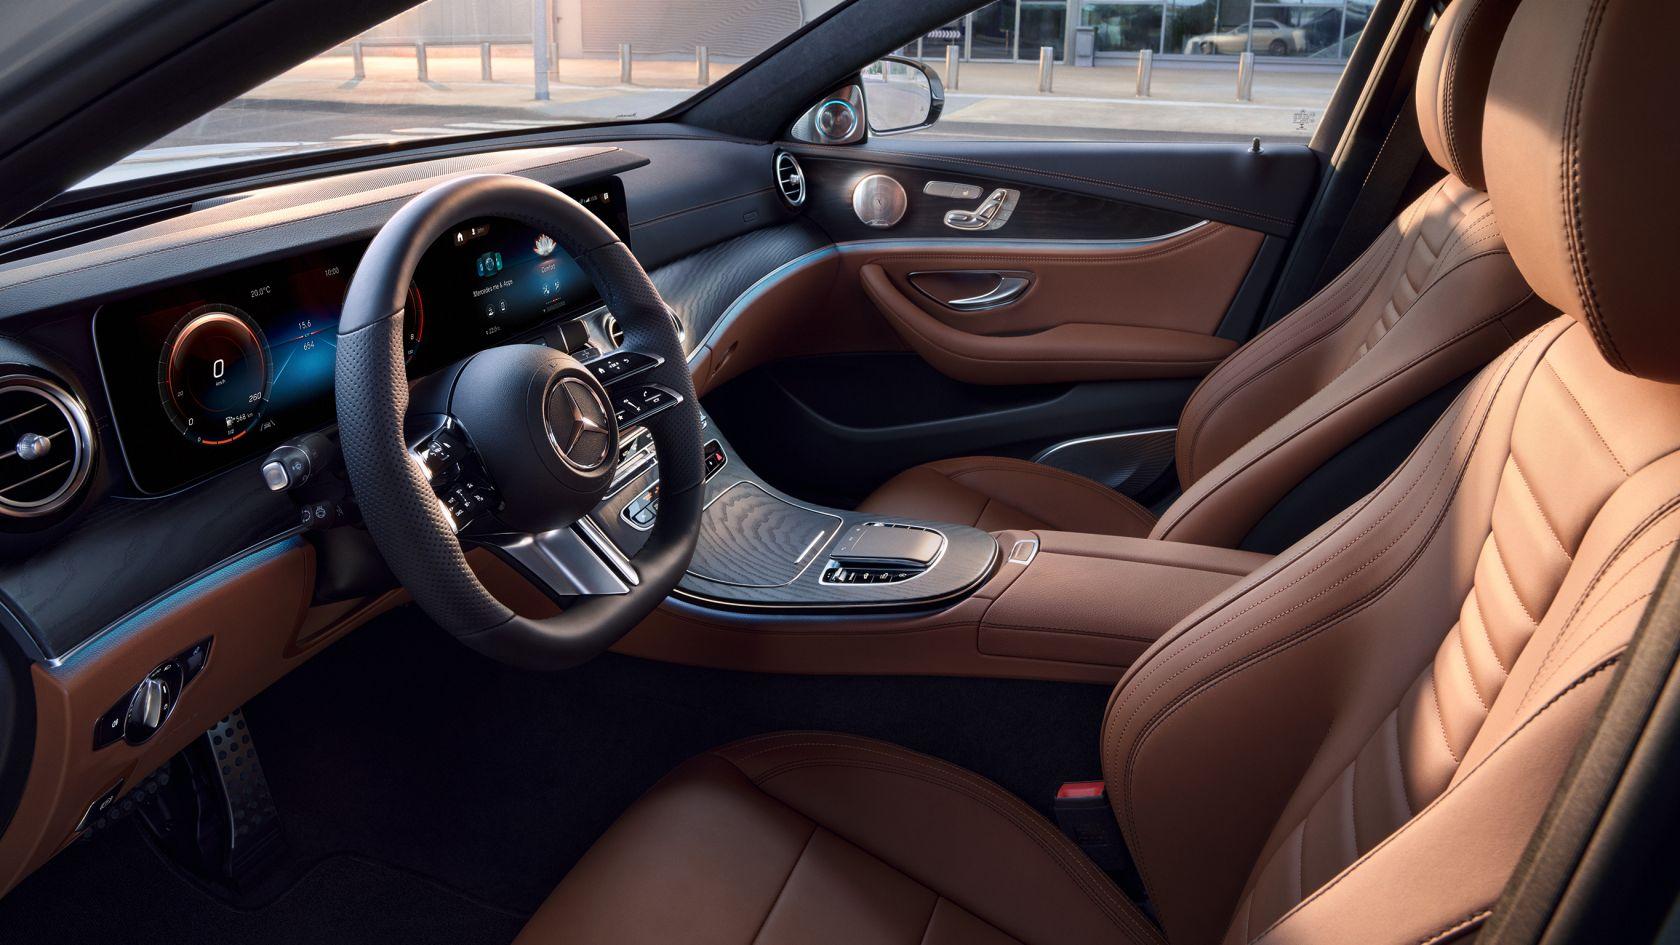 Mercedes-Benz E-osztály limuzin: ENERGIZING csomagok és Ambiente megvilágítás